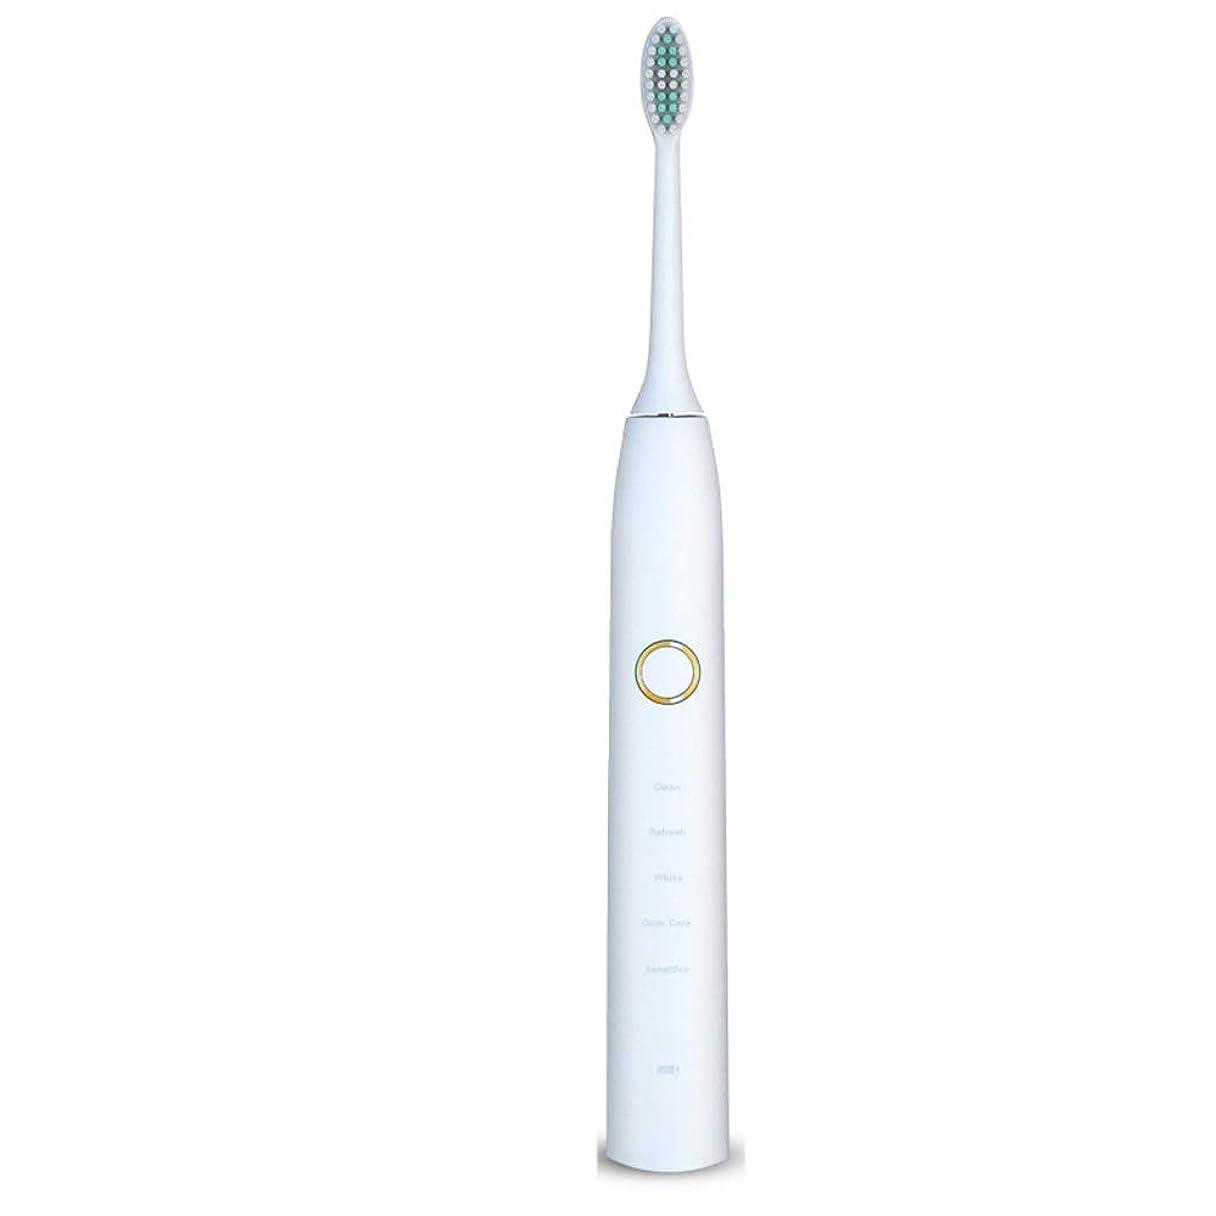 不名誉な用量行商人電動歯ブラシ 電動歯ブラシUSB充電式ソフトヘア保護クリーンホワイトニング歯ブラシ ケアー プロテクトクリーン (色 : 白, サイズ : Free size)